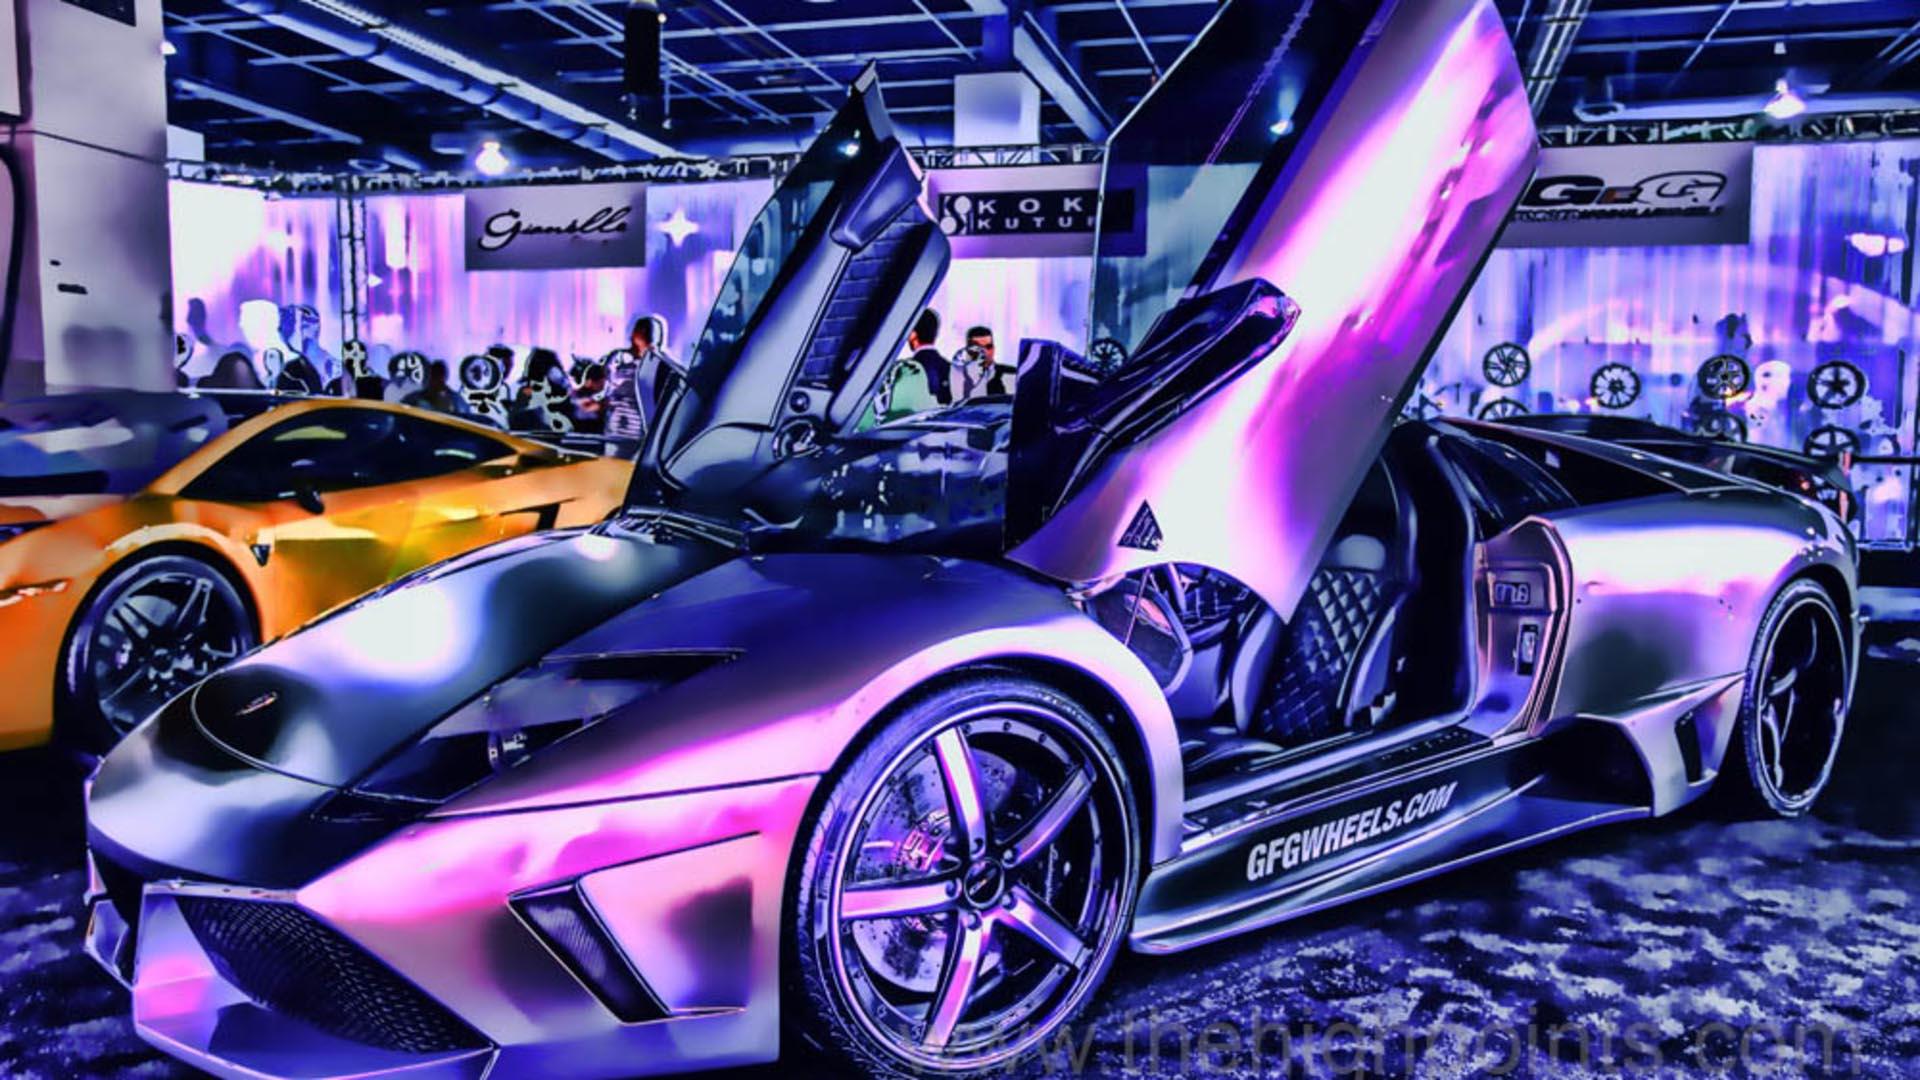 Best Lamborghini Wallpapers Wallpapersafari